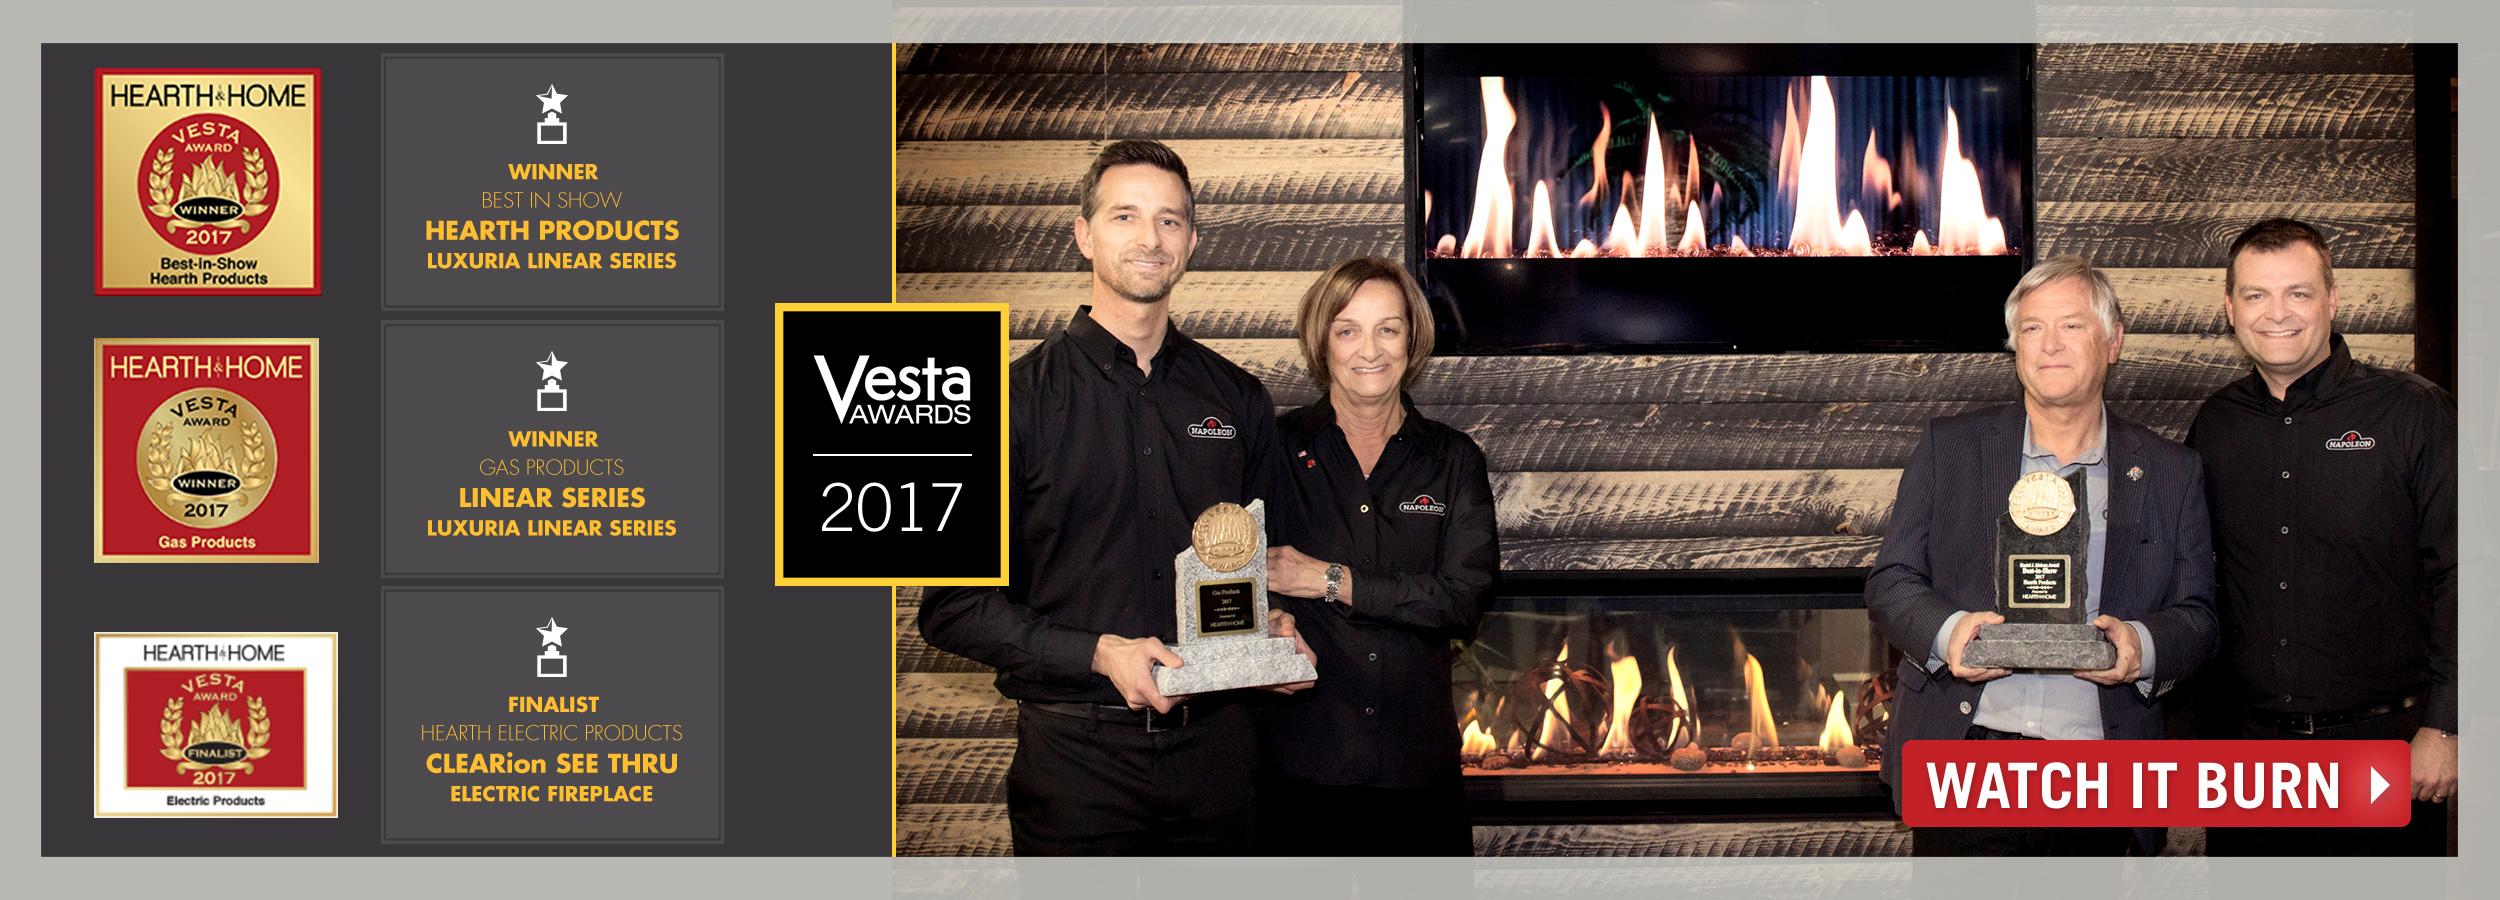 Vesta Award Winner Slide Image